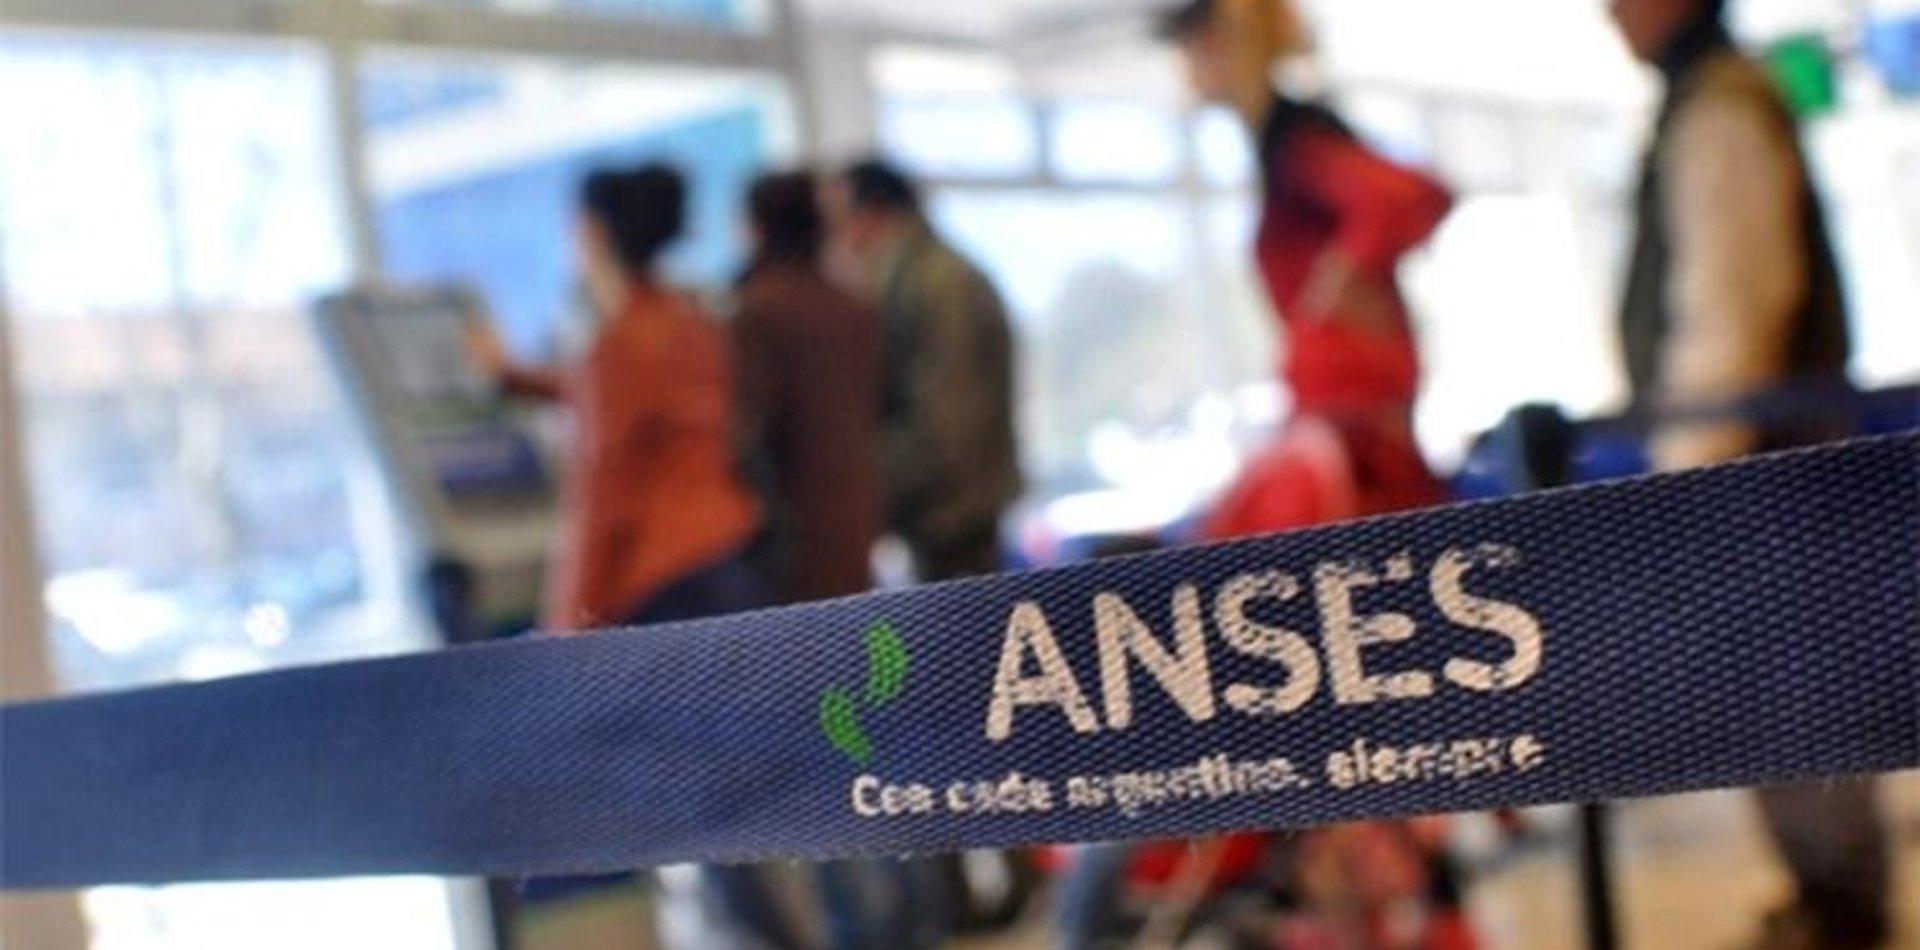 ¿Cuándo se sabrá quiénes podrán cobrar el bono de $10.000 del Ingreso Familiar de Emergencia de la ANSES?